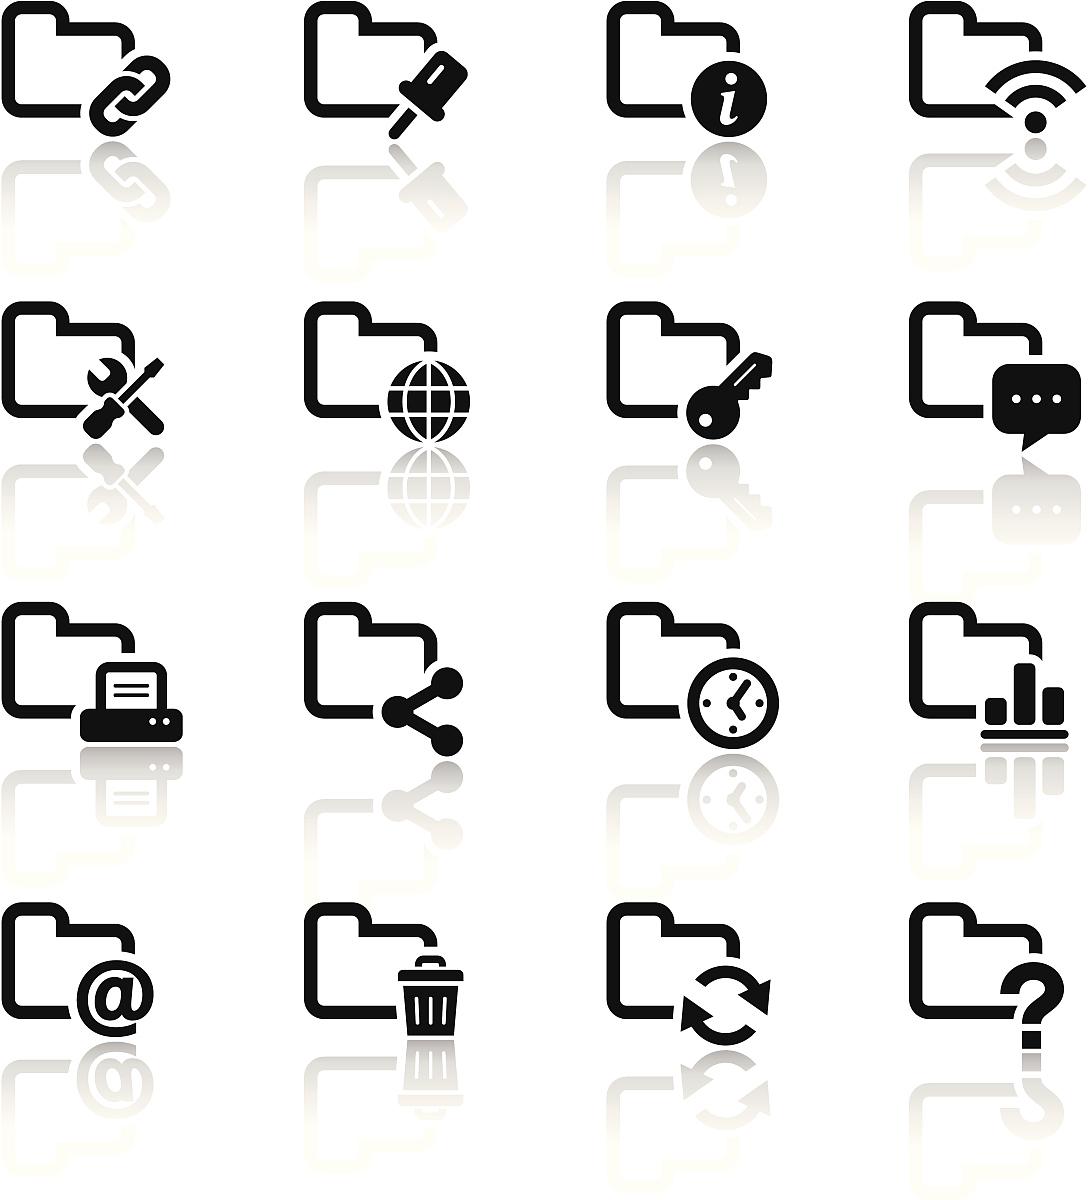 容器,符号,标志,沟通,分享,相伴,联系,讨论,时间,技术,黑白图片,文档图片